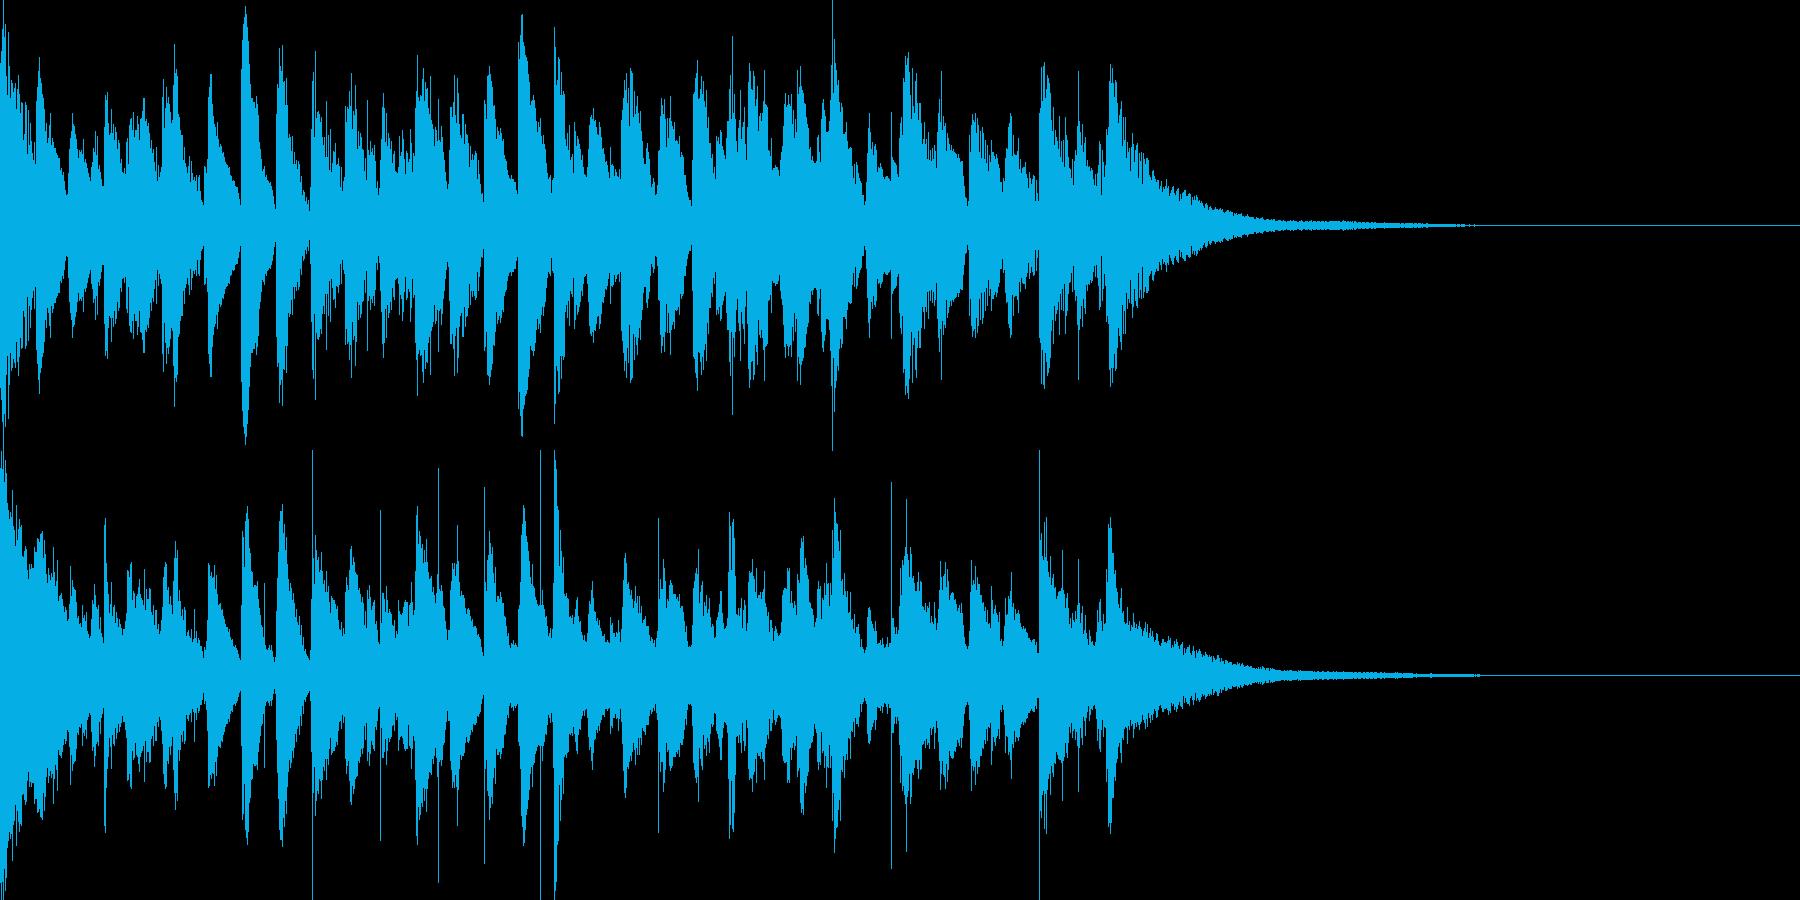 お洒落なジャズのジングル7アップテンポの再生済みの波形